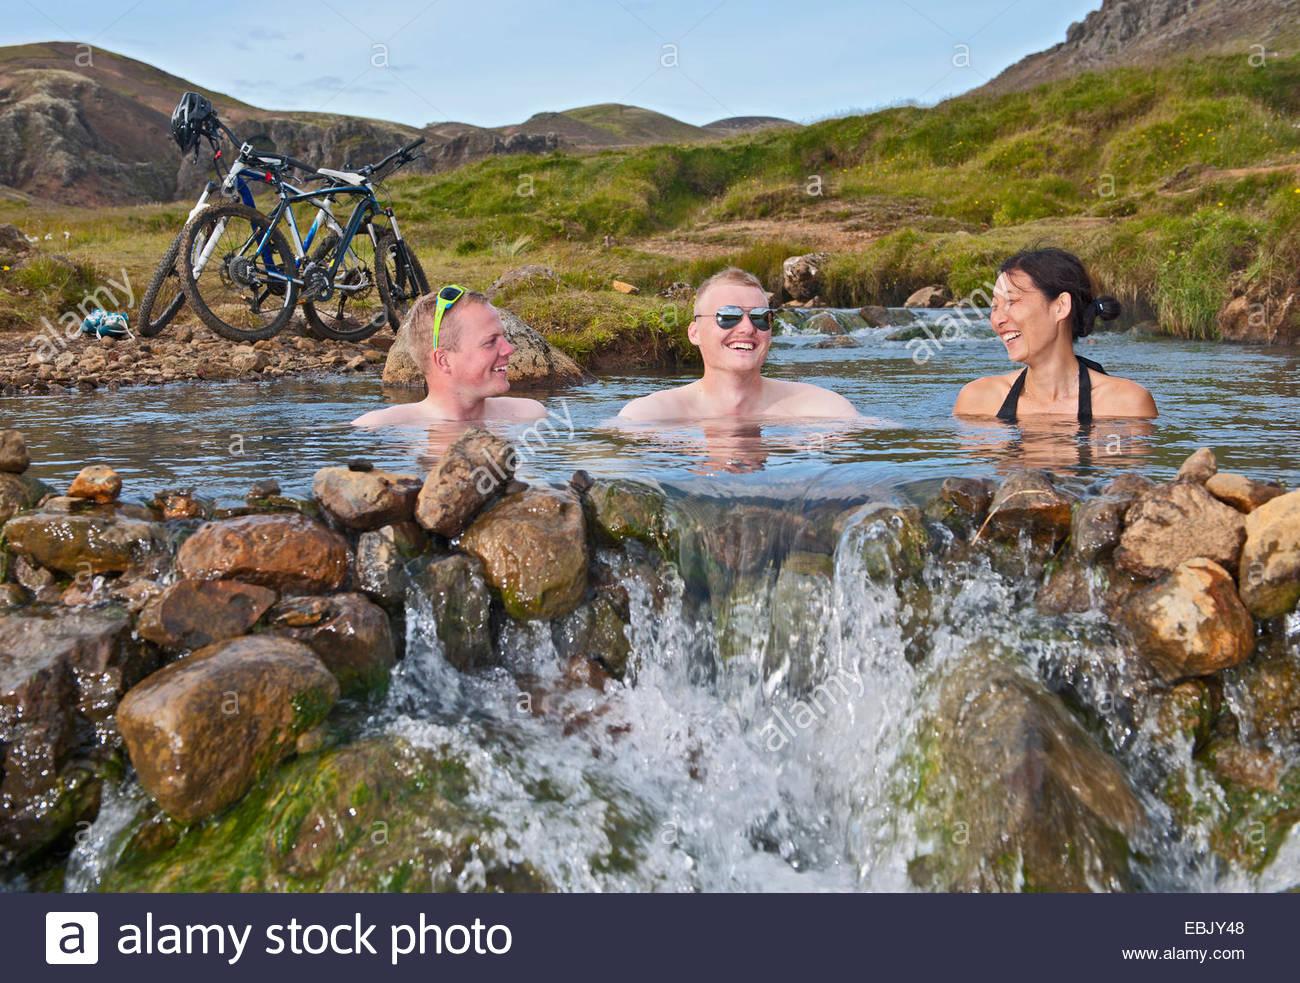 Basso angolo vista di tre mountain bikers la balneazione nel fiume caldo, Reykjadalur Valley, nel sud-ovest dell'Islanda Immagini Stock